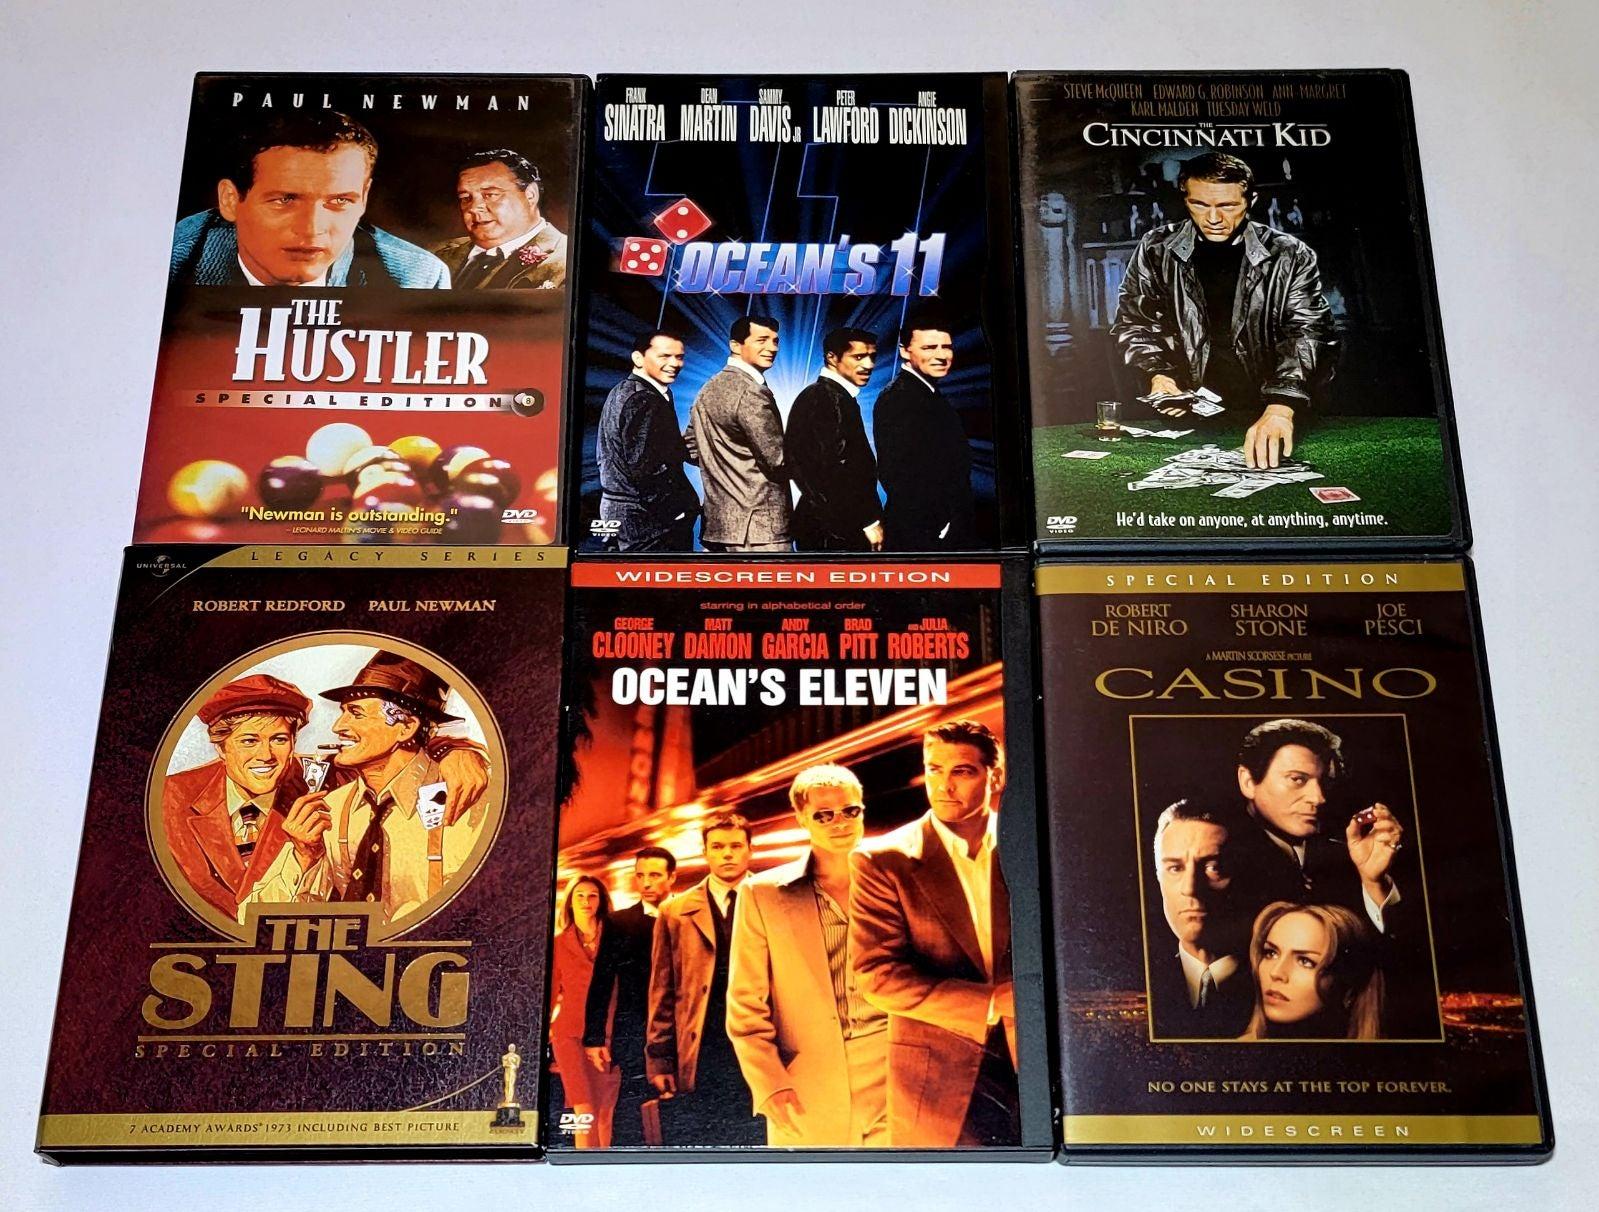 The Hustler, Sting, Ocean's 11 DVD Lot